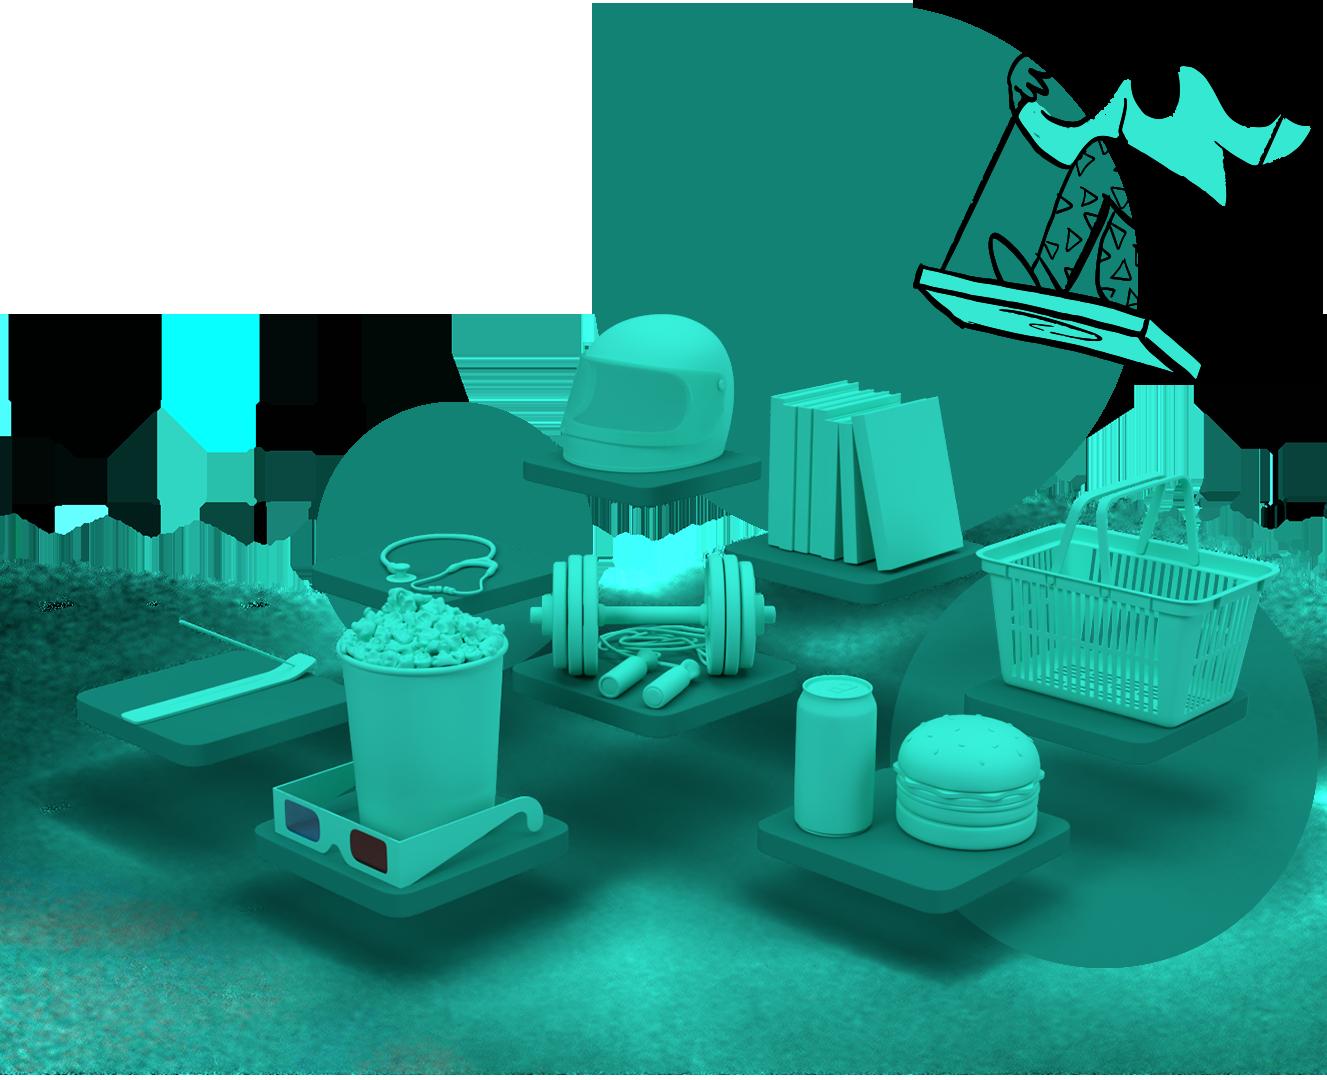 Render 3D de símbolos de diferentes benefícios flutuando sobre plataformas.